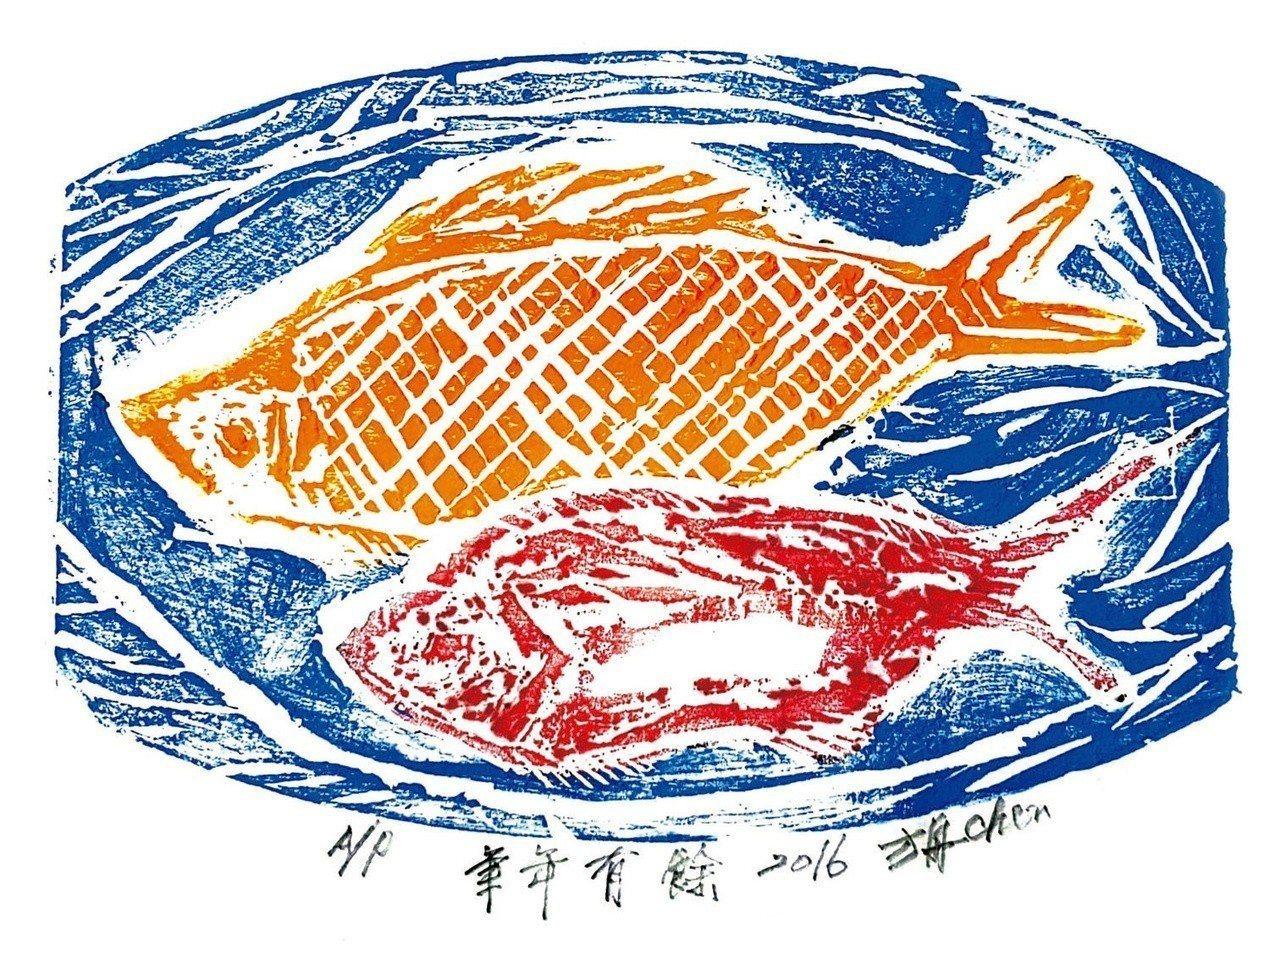 方舟版畫〈魚〉。